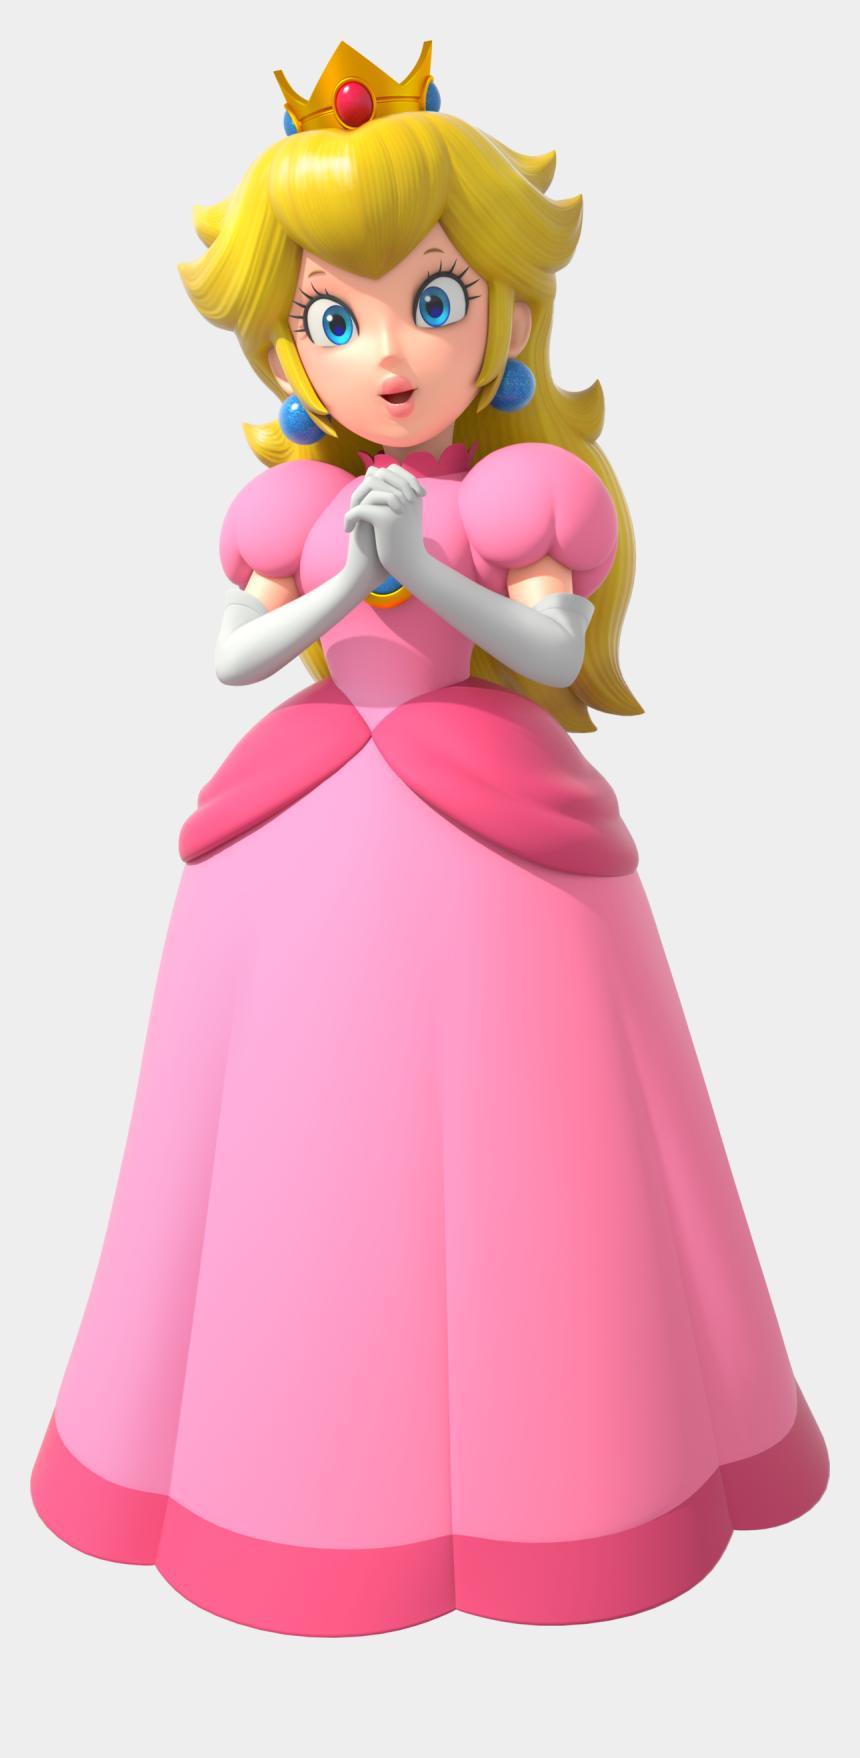 princess peach clipart, Cartoons - Mario Bross Png - Princess Peach